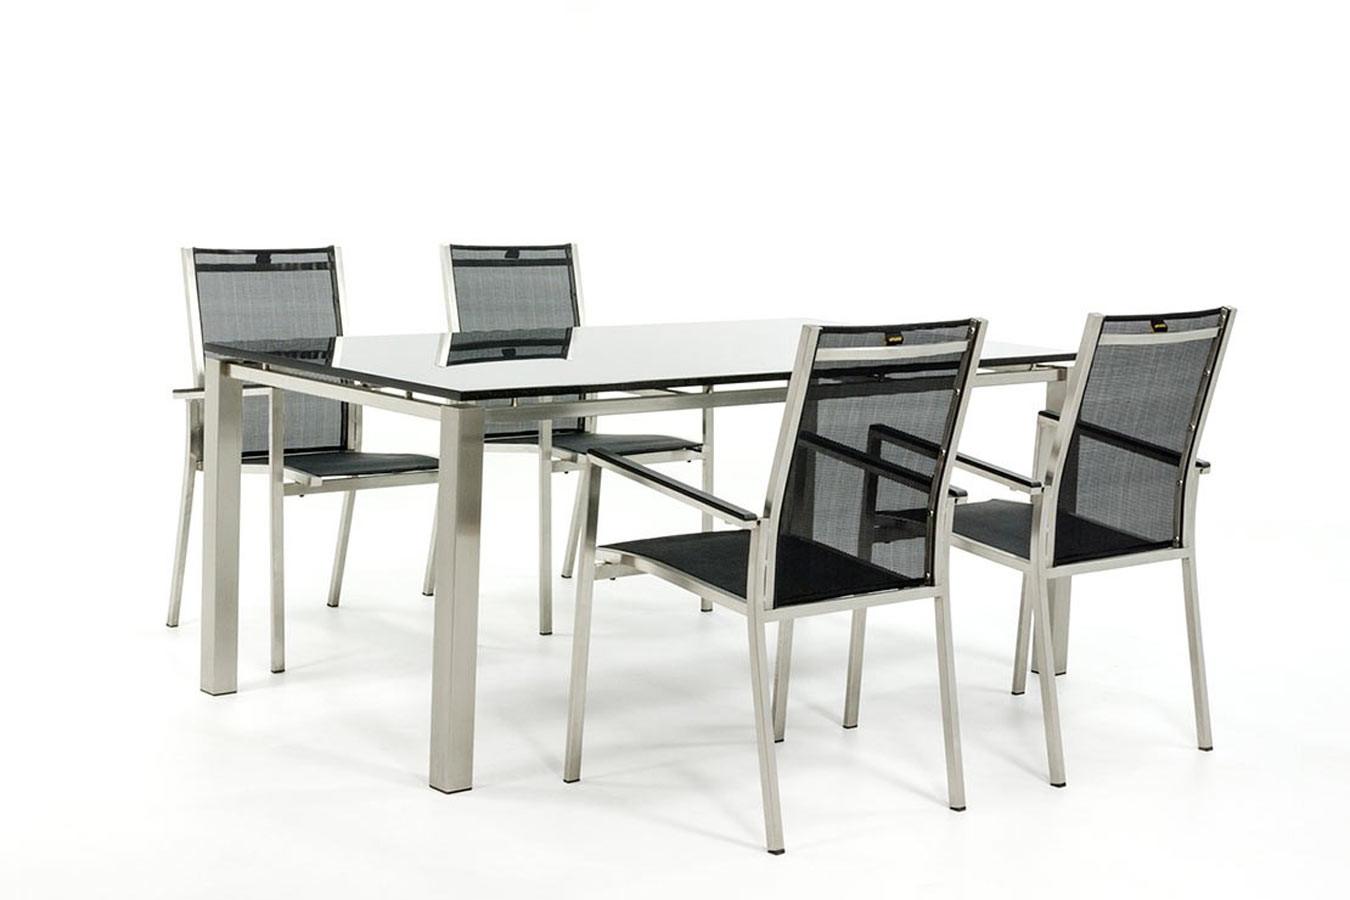 Gartentisch aus Edelstahl mit Stühlen aus Edelstahl